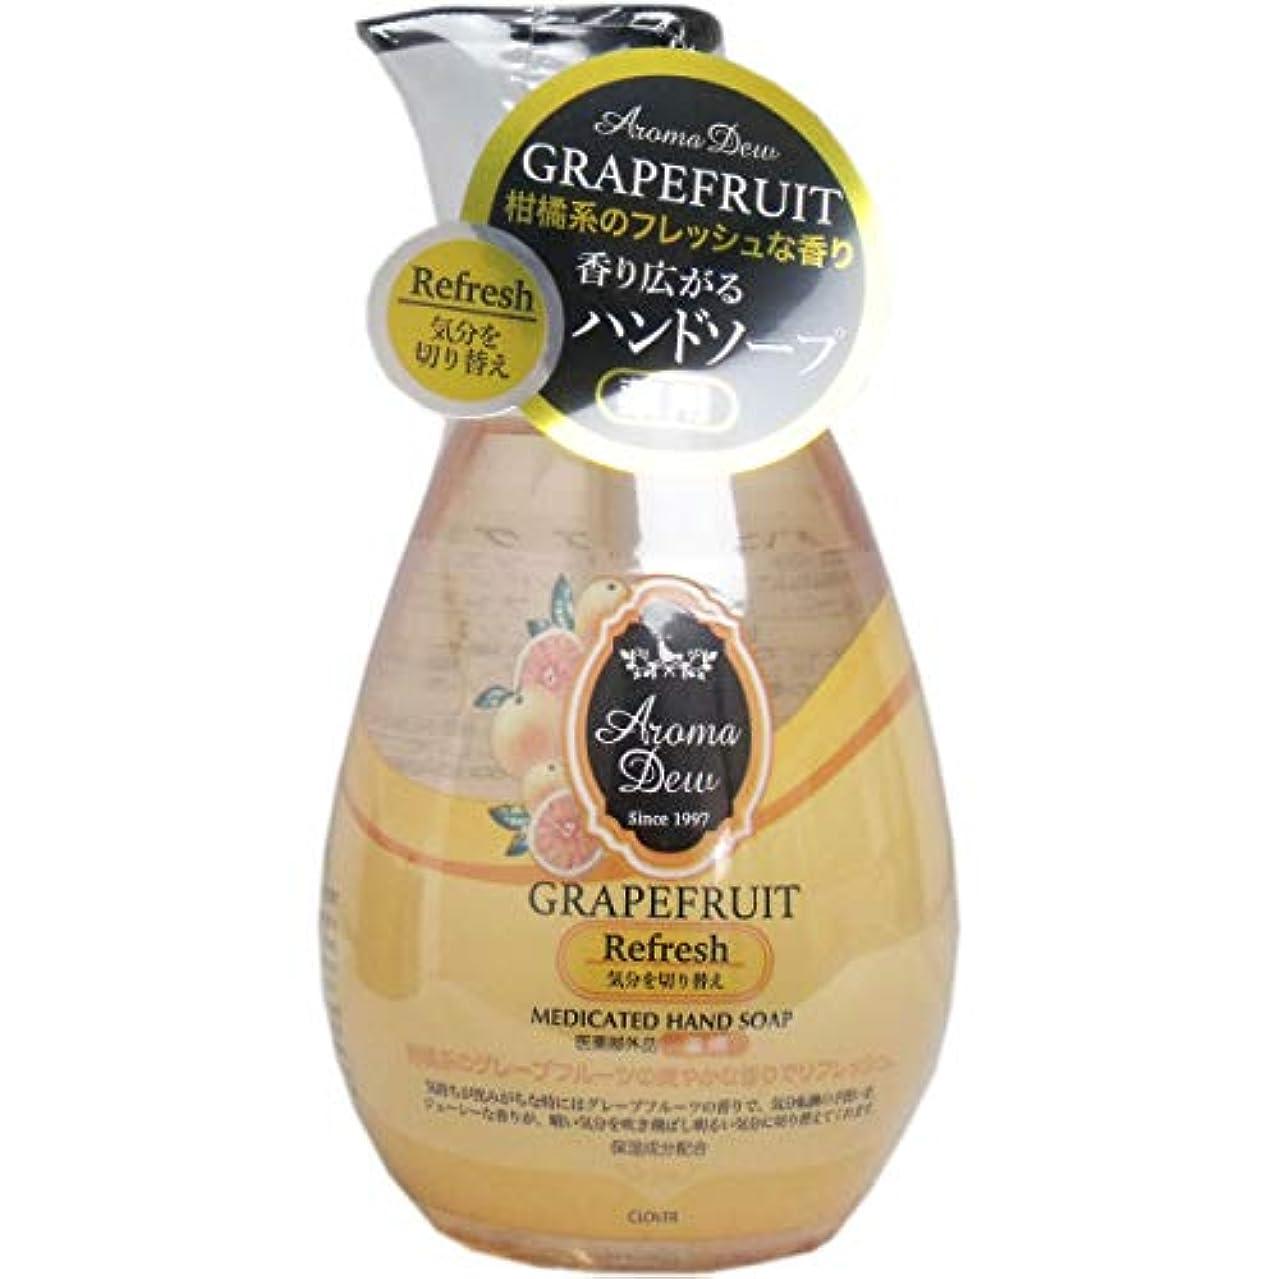 欠伸妥協炎上薬用アロマデュウ ハンドソープ グレープフルーツの香り 260mL×2個セット